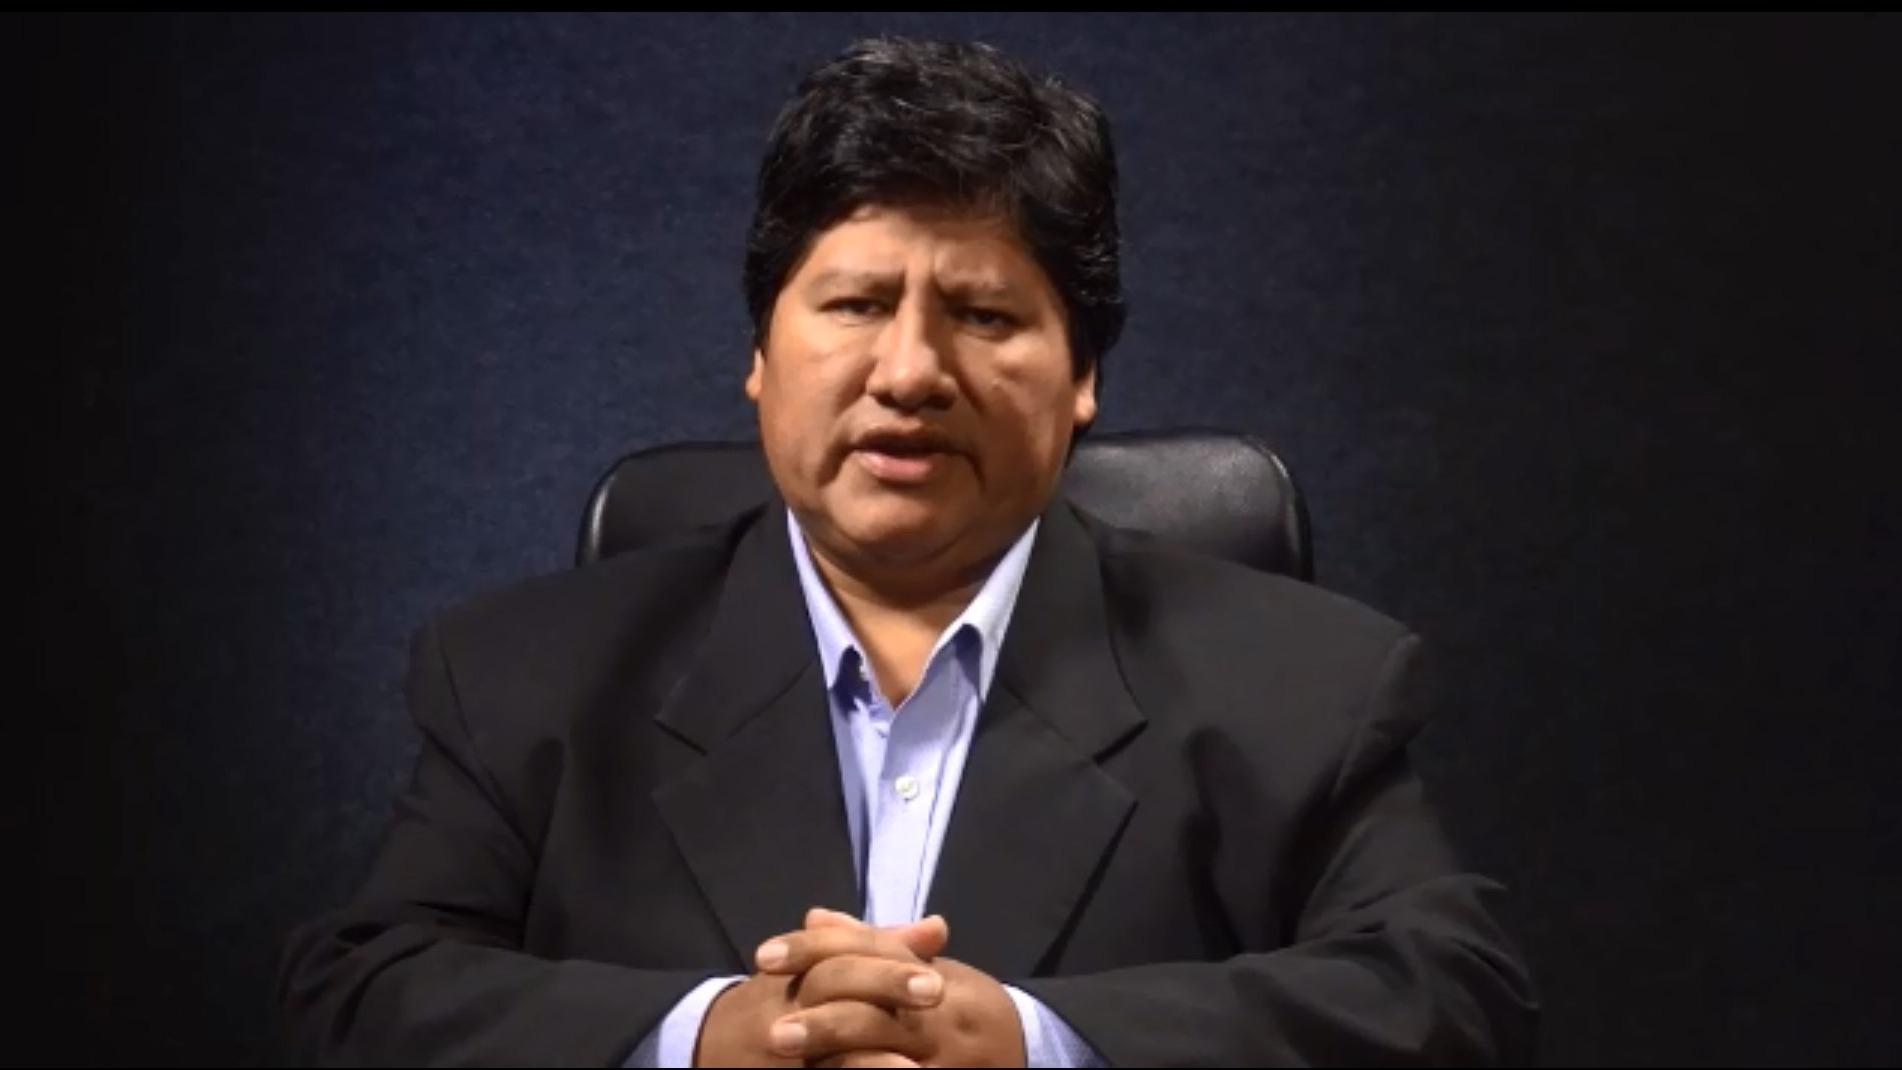 Edwin Oviedo negó haberse beneficiado de alguna sentencia judicial hecha por el suspendido juez César Hinostroza.